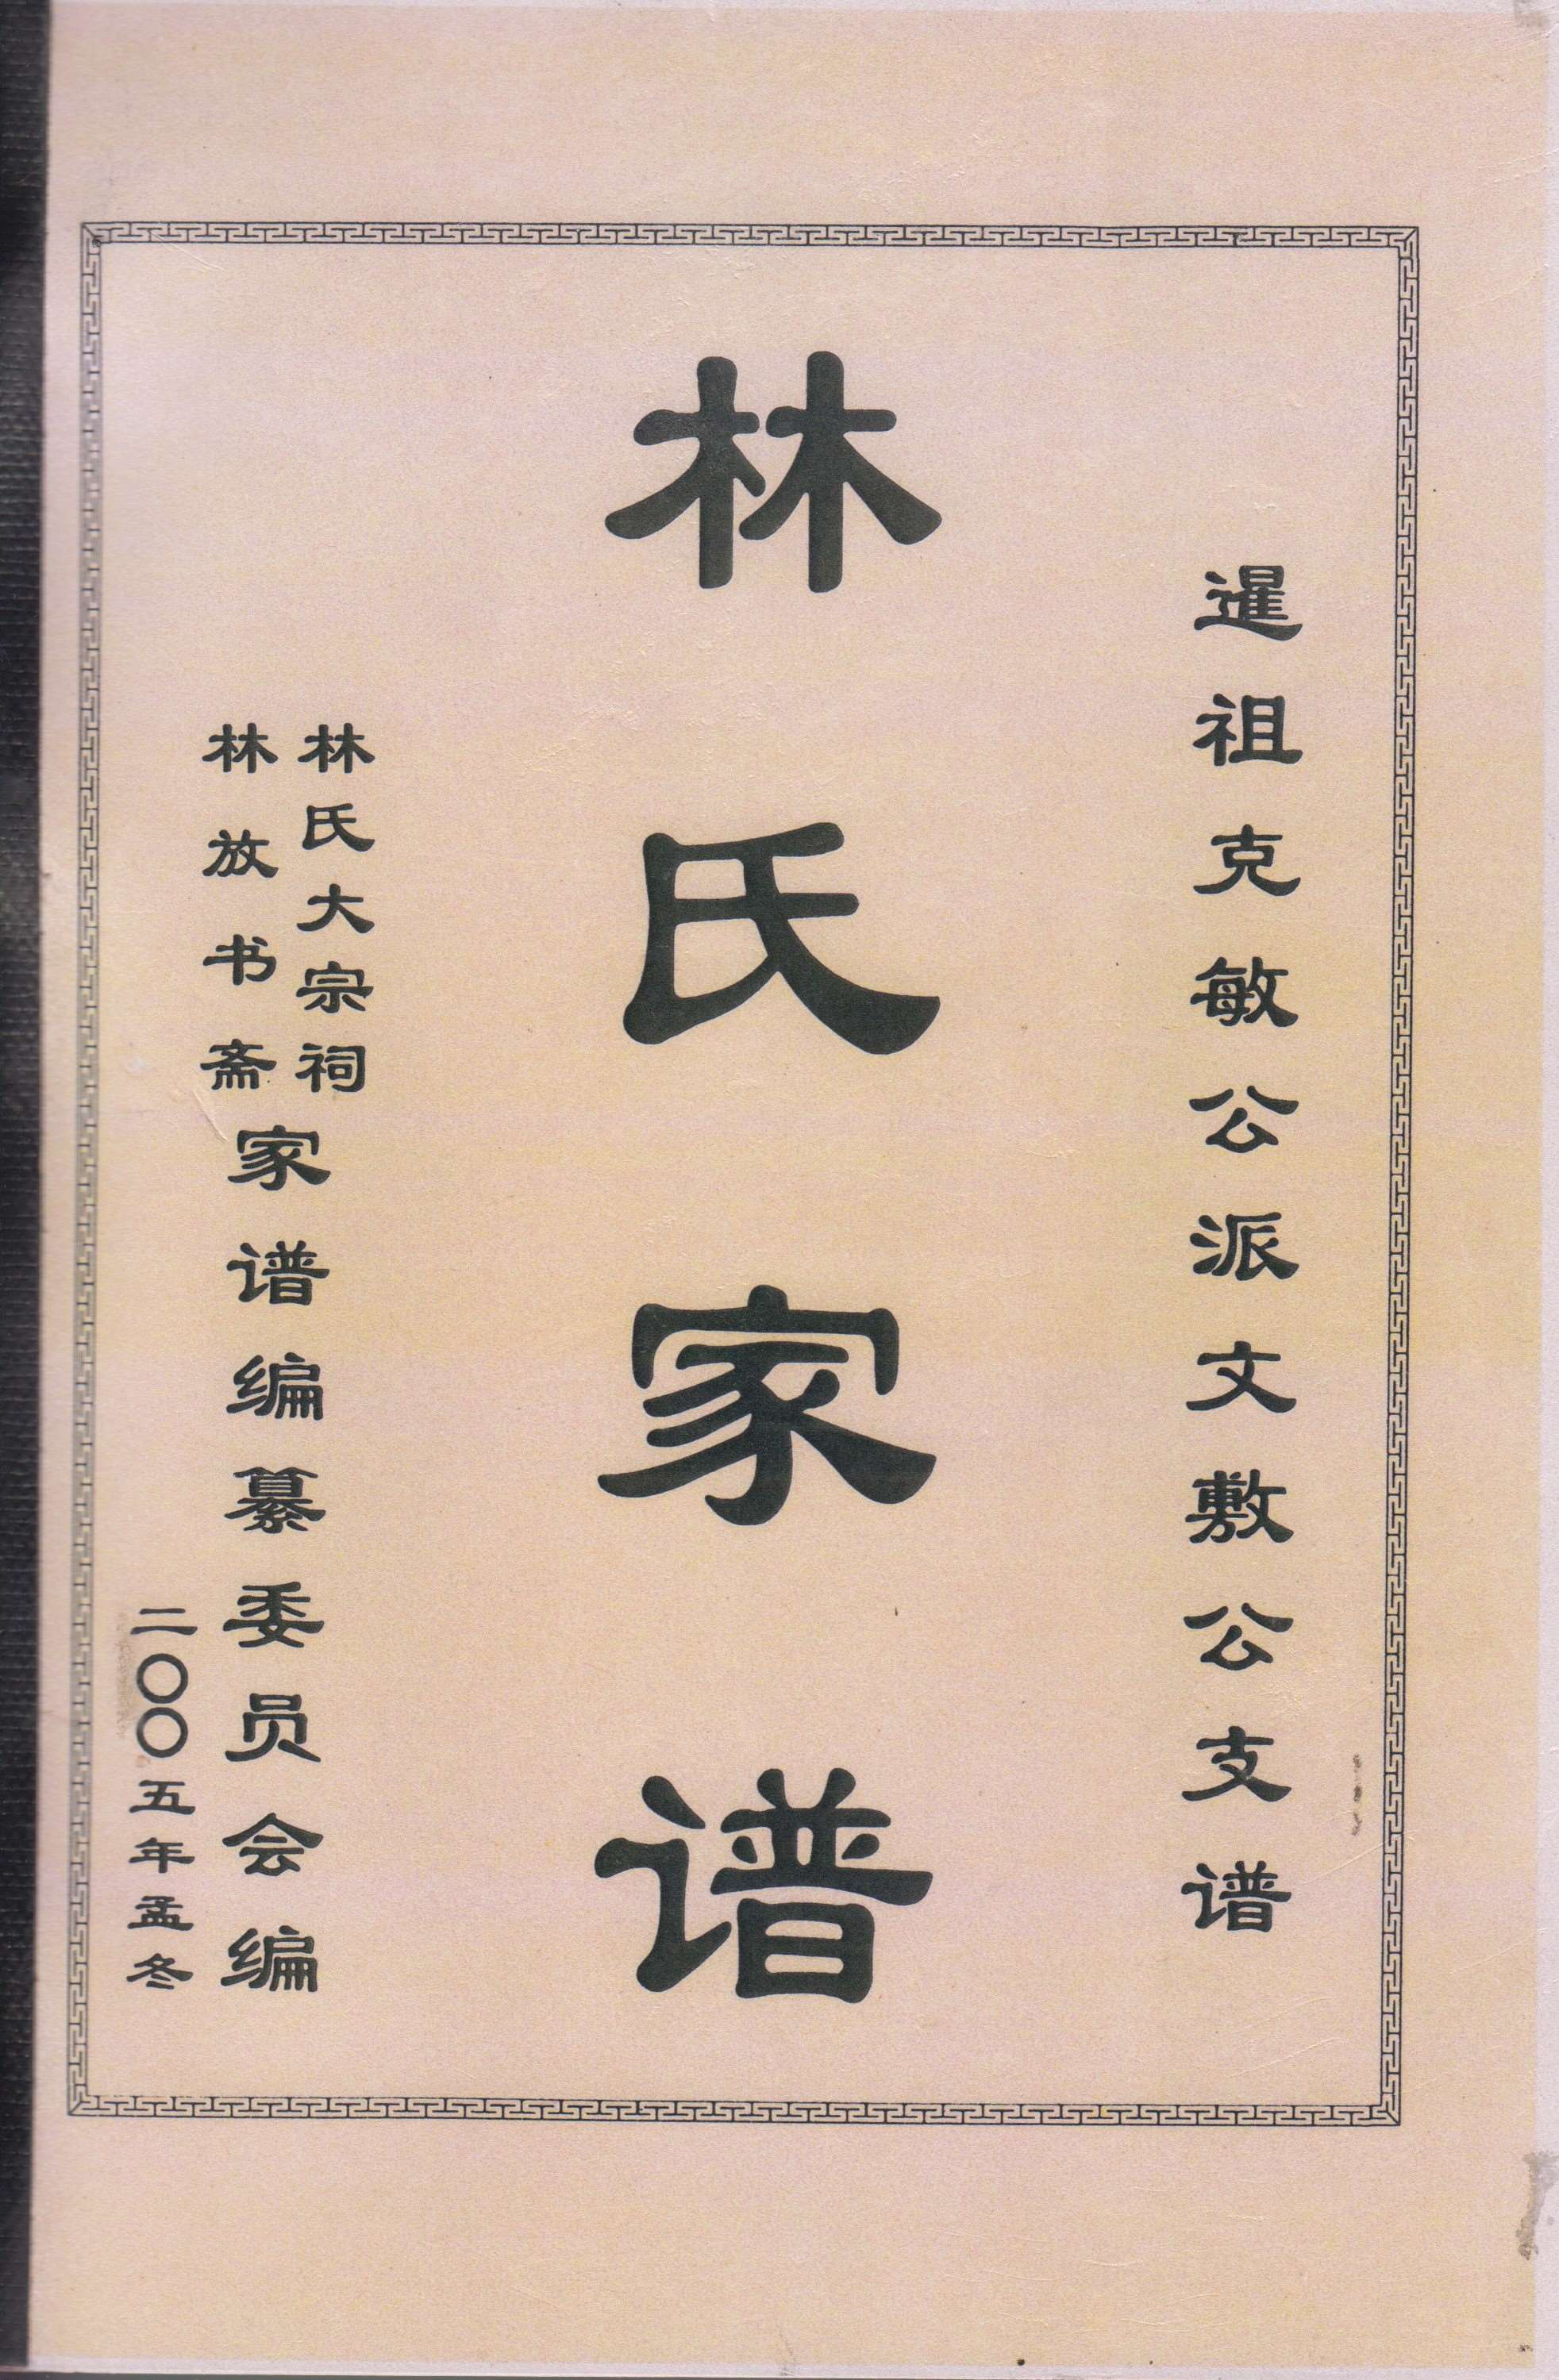 林氏家谱- 马来西亚华裔族谱中心